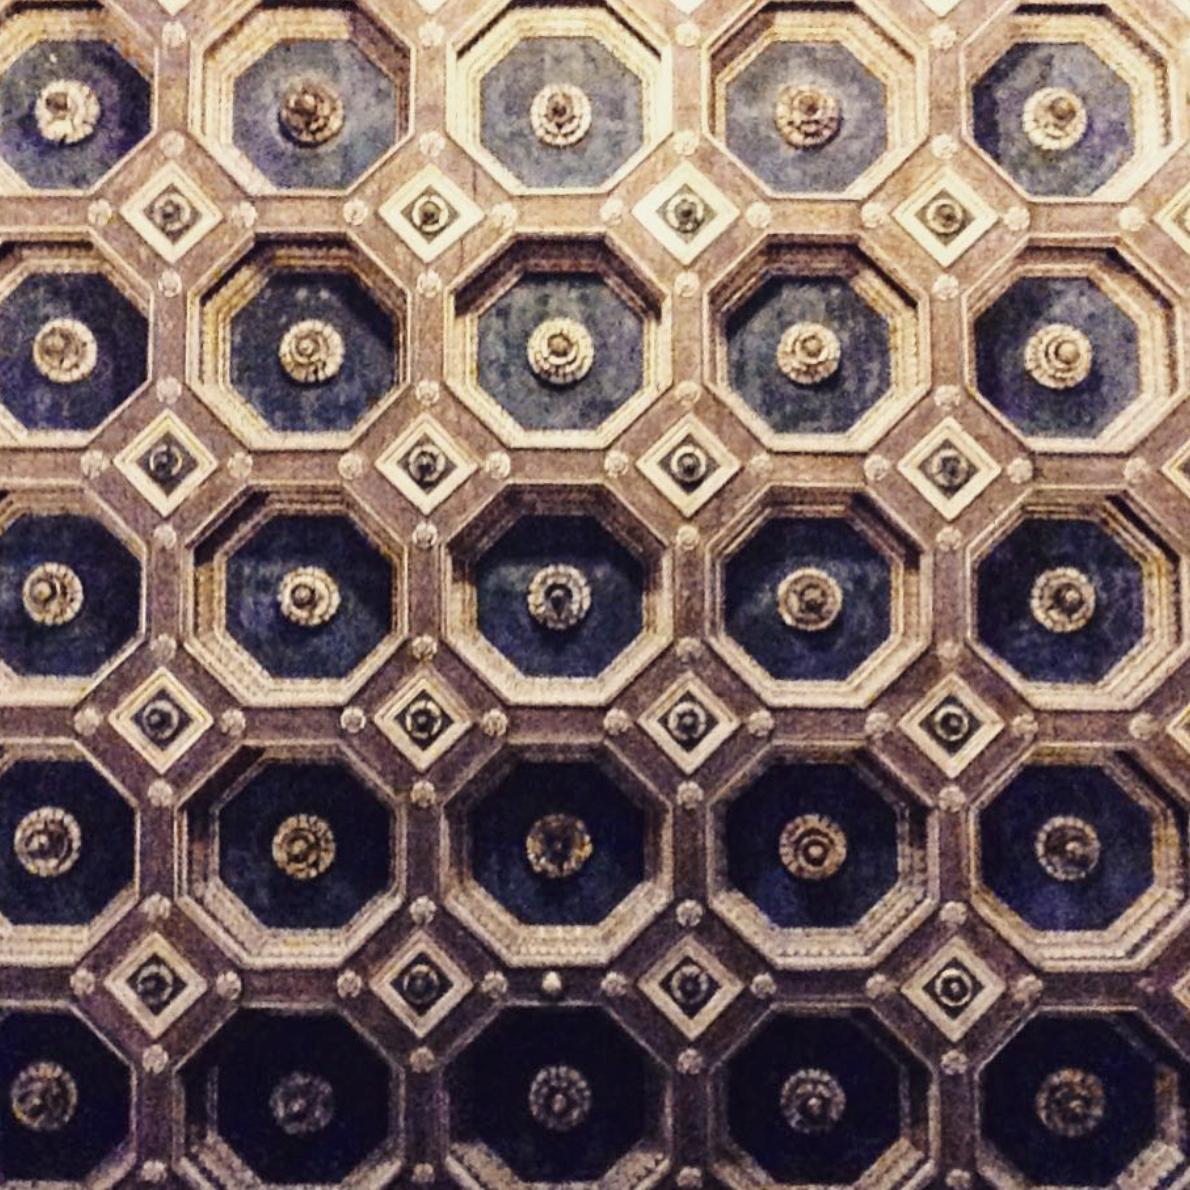 Détail d'un plafond, Musée Jacquemart-André. Photo Artoris Magazine